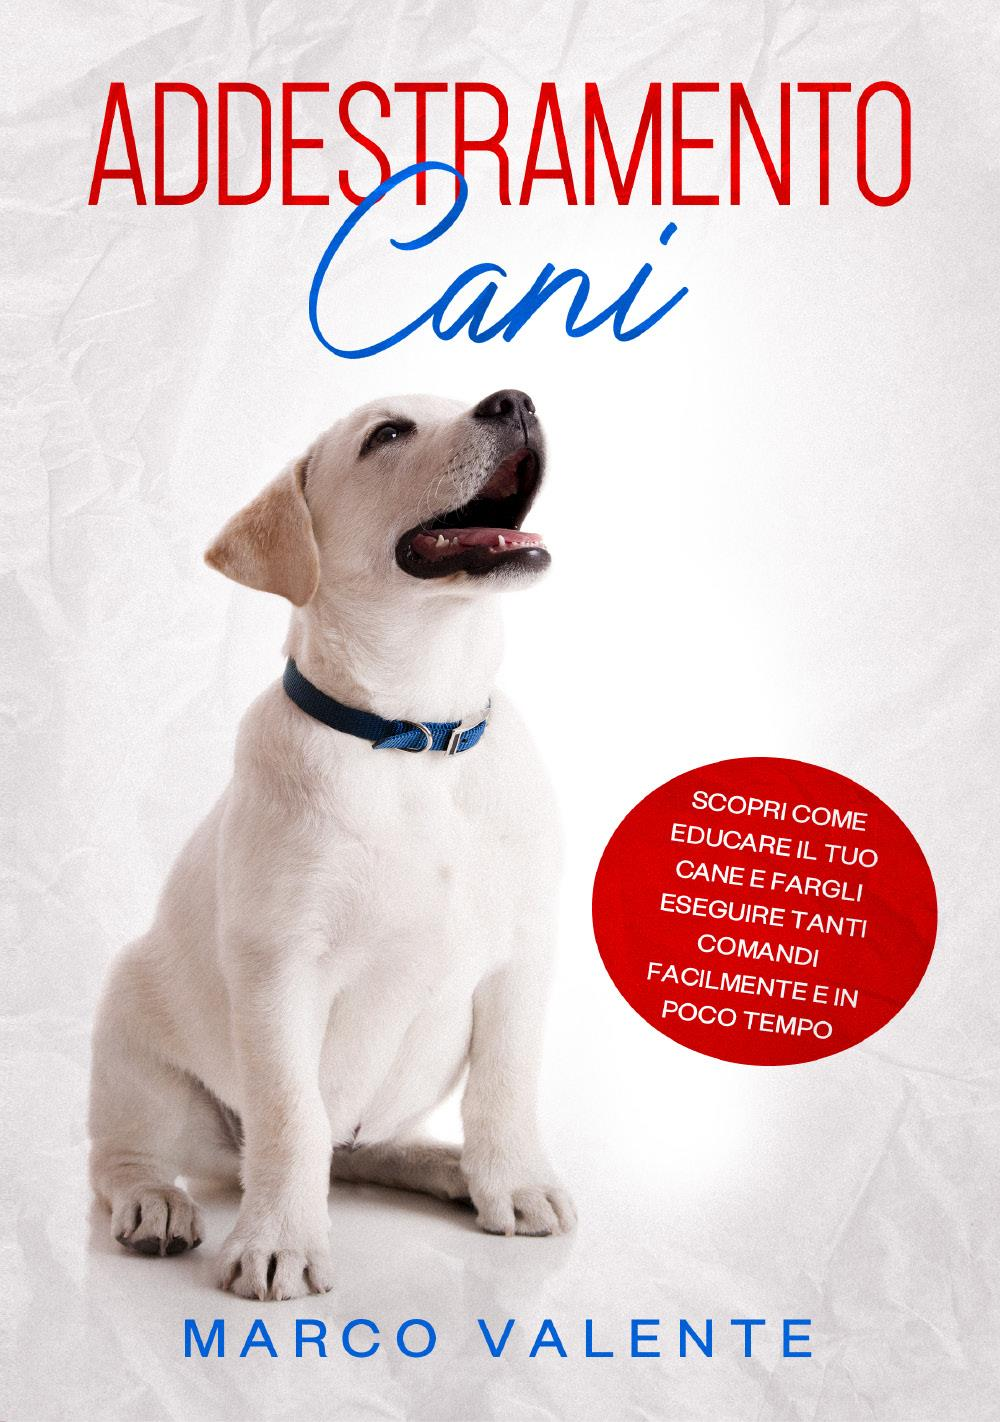 ADDESTRAMENTO CANI: Scopri come educare il tuo cane e fargli eseguire tanti comandi facilmente e in poco tempo